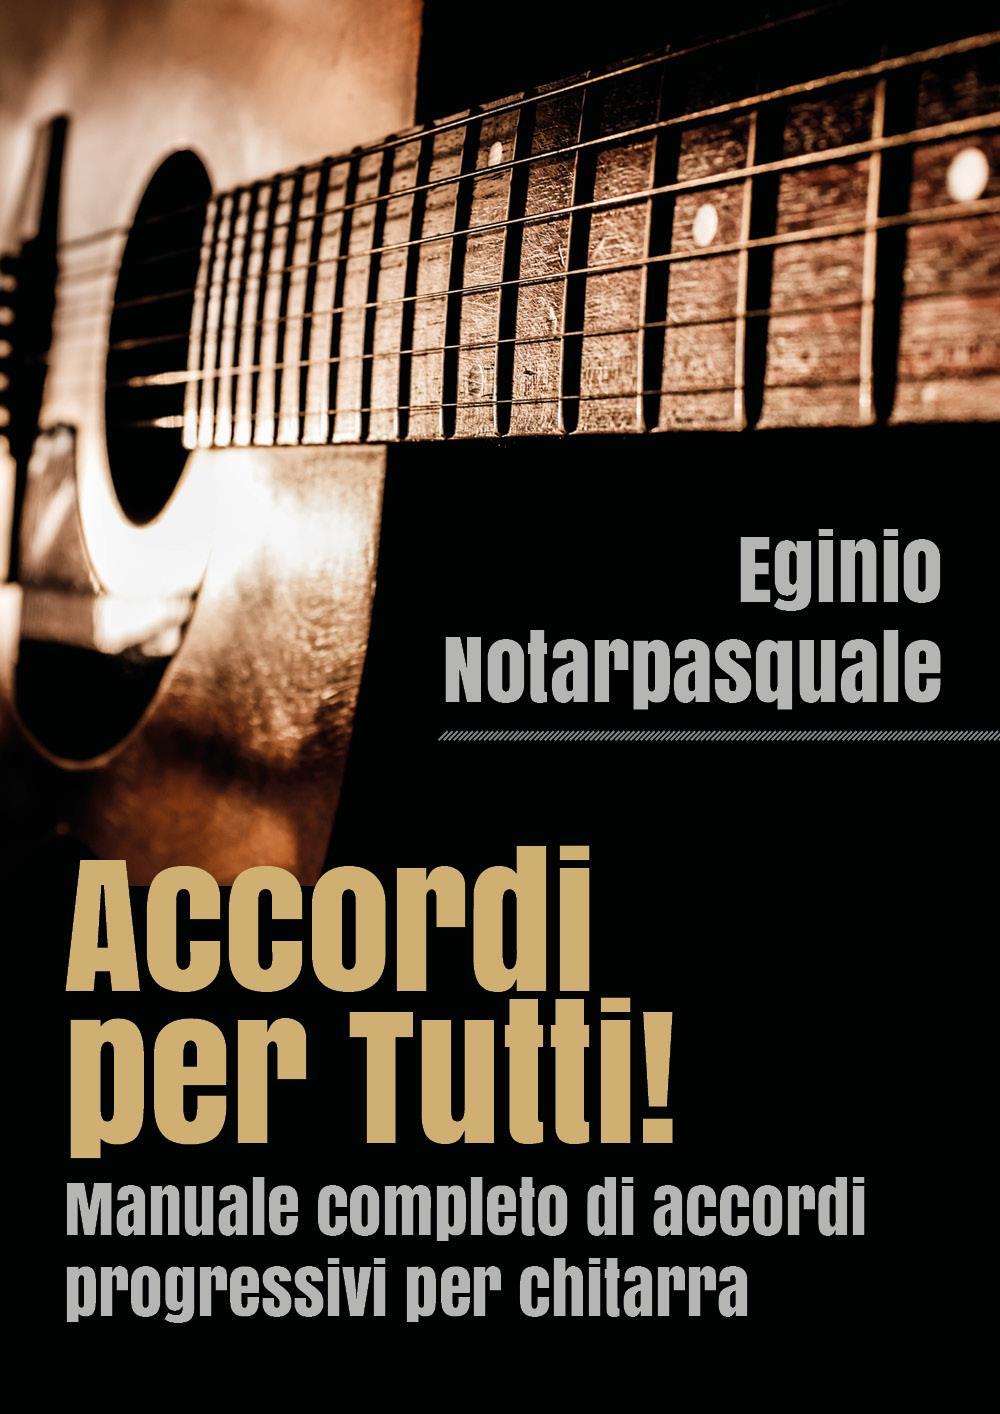 Accordi per Tutti! Manuale completo di accordi progressivi per chitarra